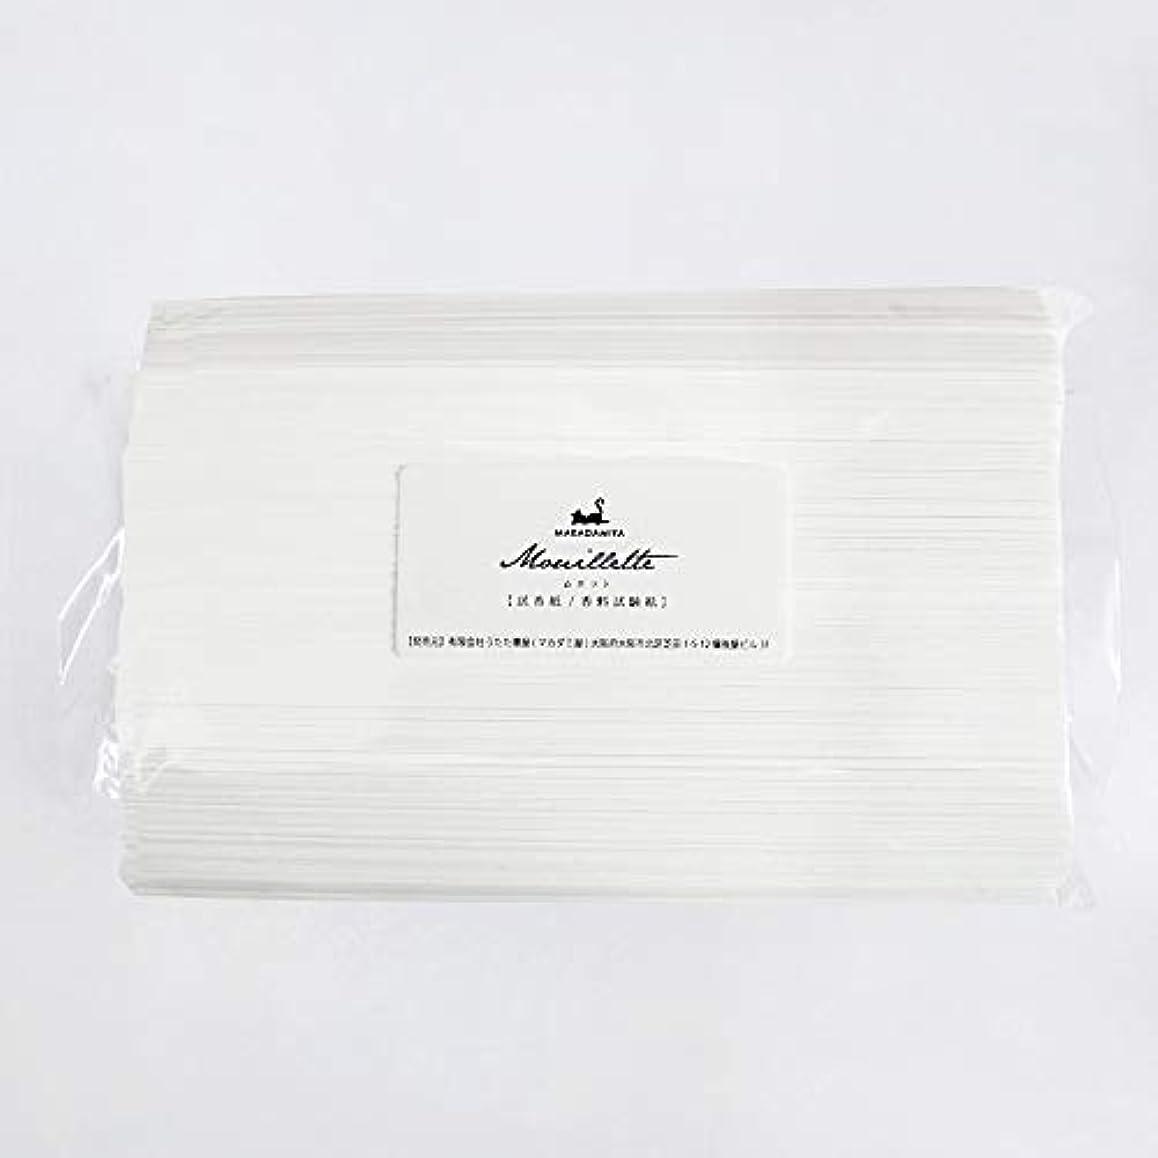 すり同様の楽しいムエット500本入り 大容量 プロ用(アロマ検定試験対応 試香紙 香料試験紙) マカダミ屋